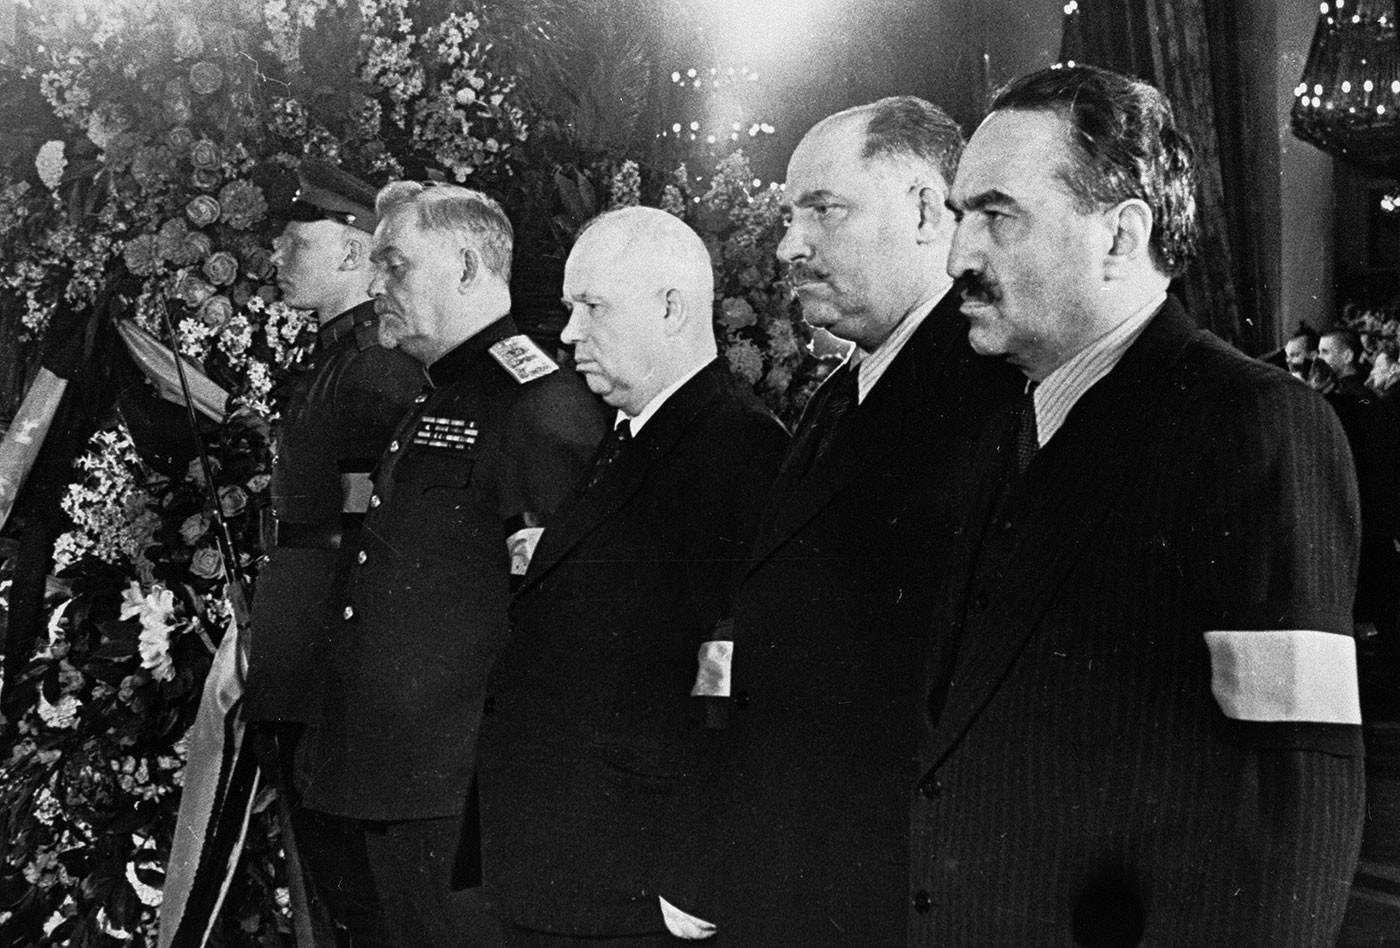 Справа налево: Анастас Микоян, Лазарь Каганович, Никита Хрущёв, Николай Булганин в почётном карауле у гроба с телом Иосифа Сталина в Колонном зале Дома союзов.